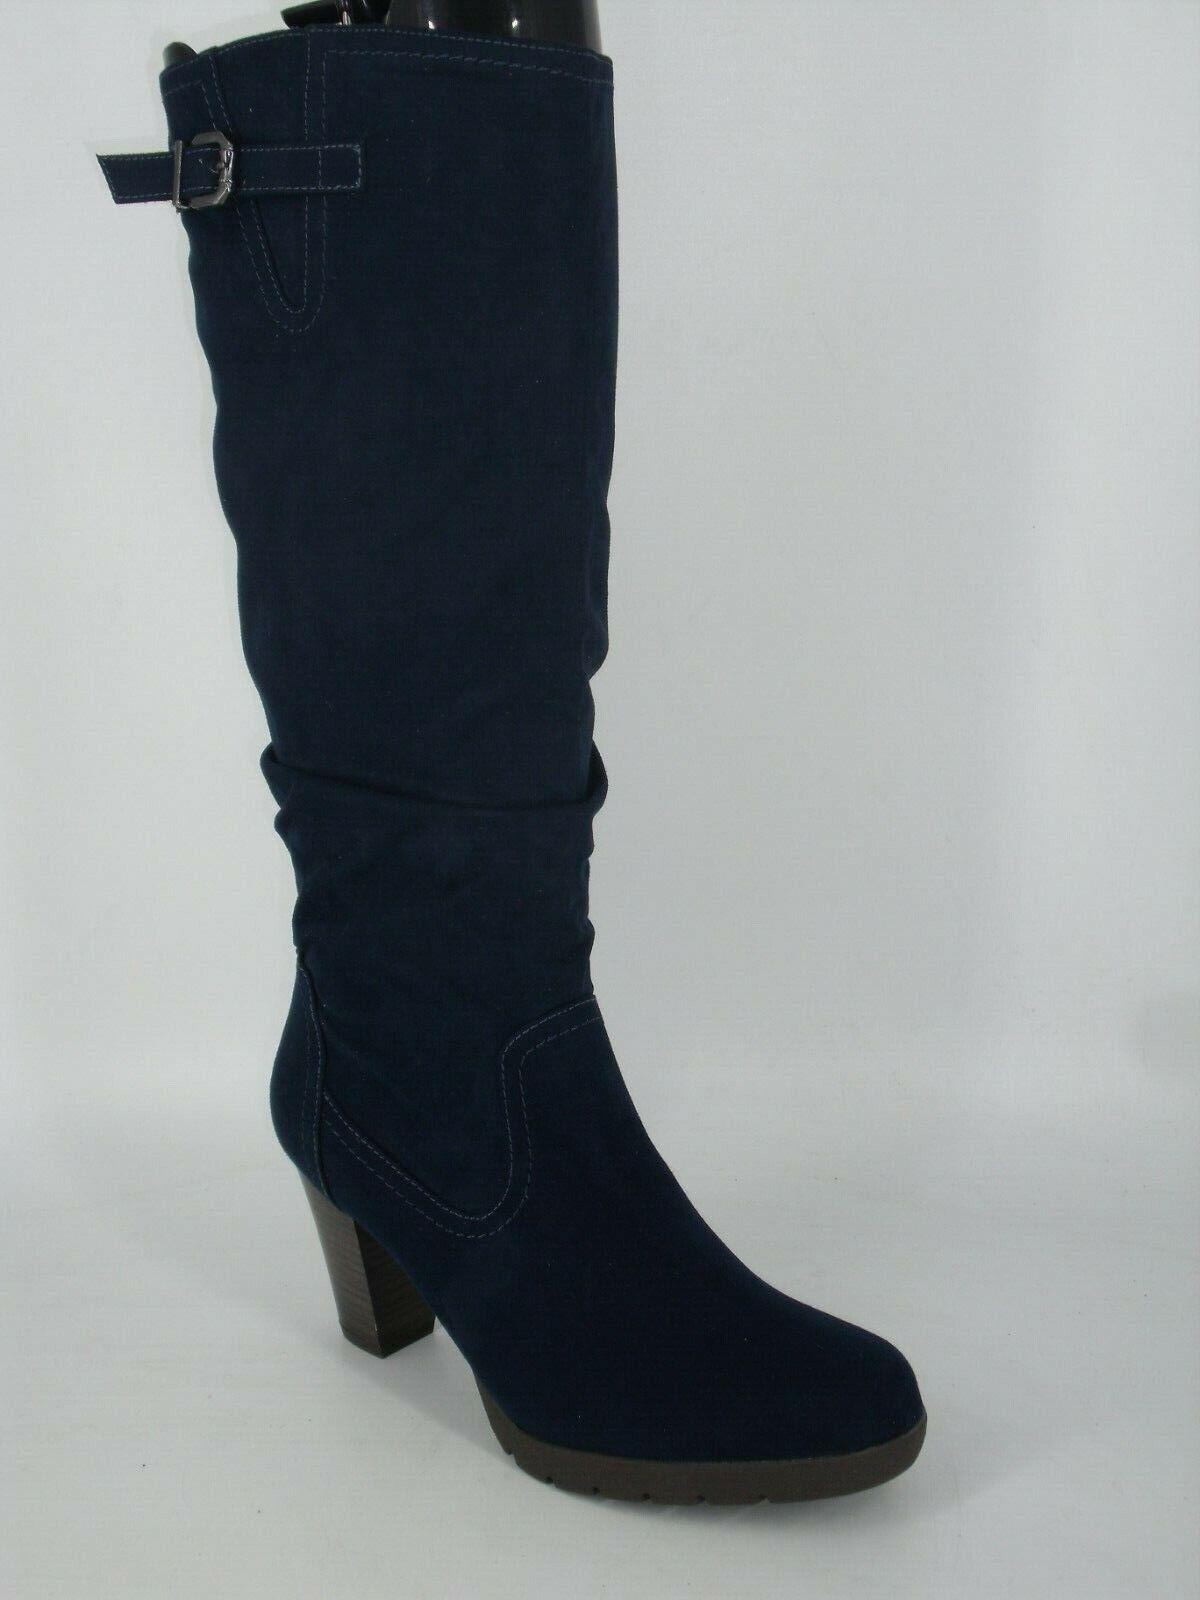 Guter Preis 6 UK Größe Length Calf Stiefel Textile EU 39